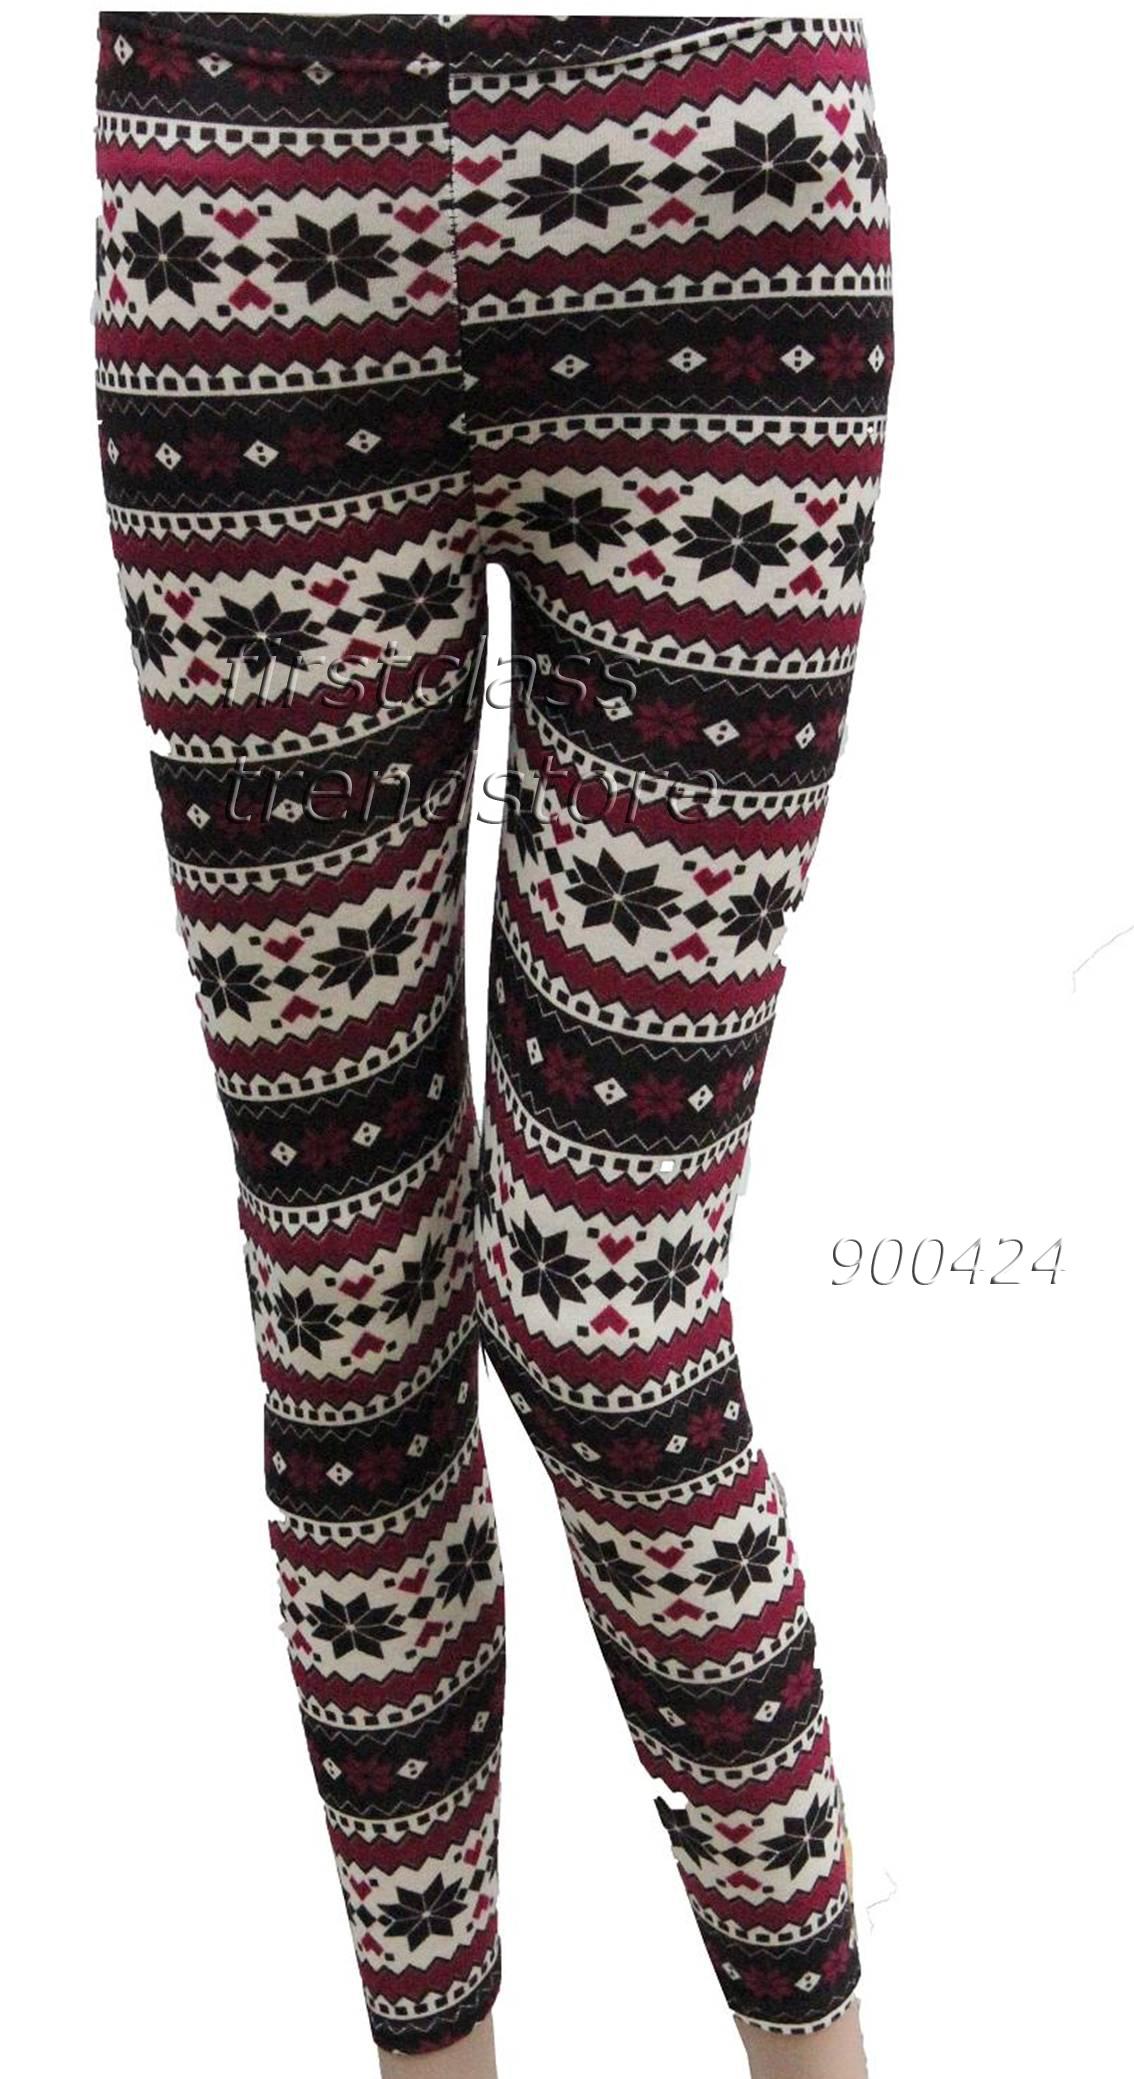 Winterleggings * Norweger-Leggings Gr. S / M (34/36 - 38) Leggins Hose   eBay